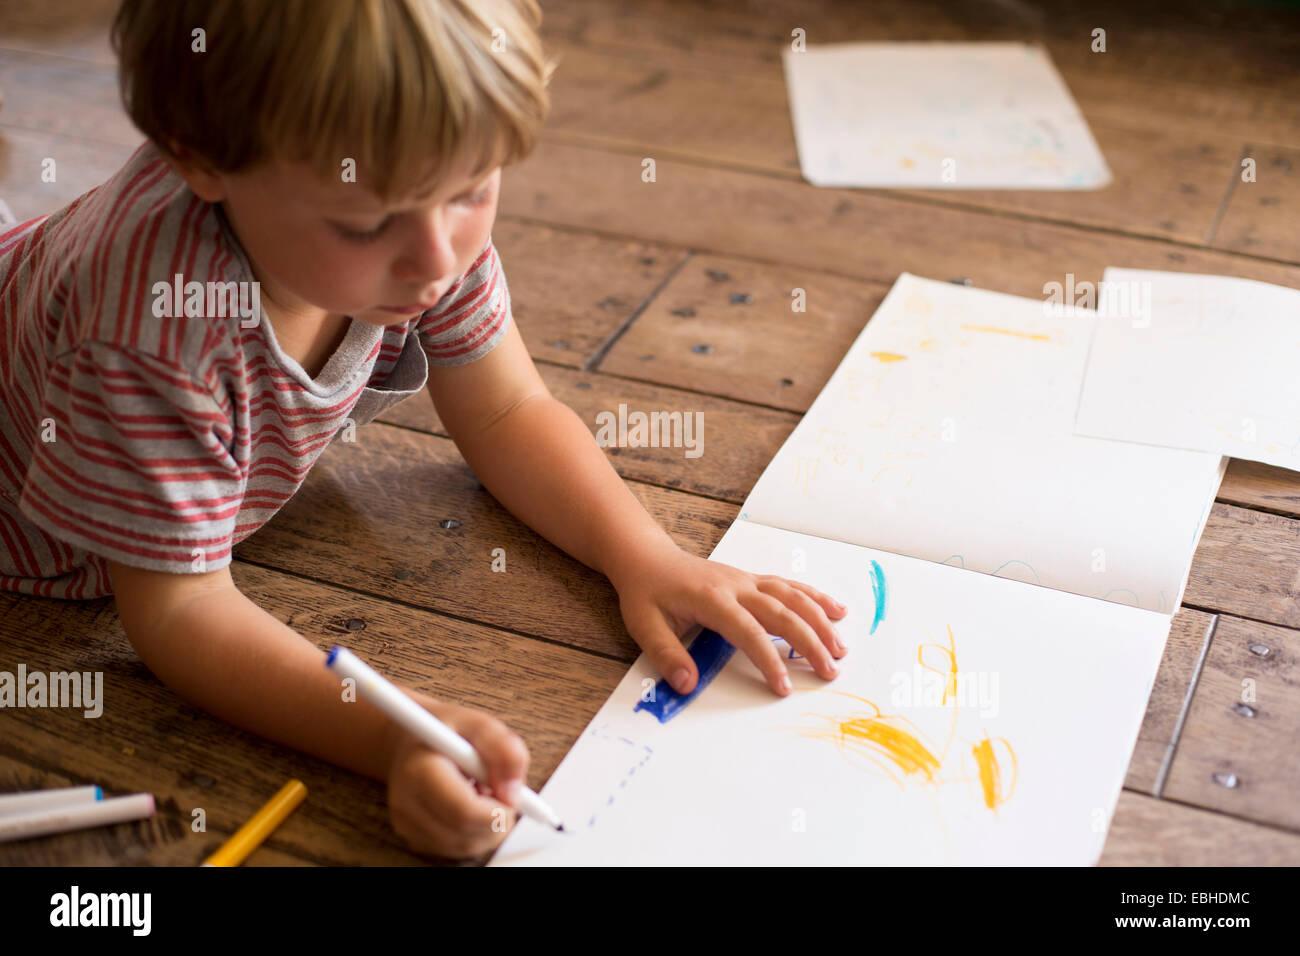 Joven dibujo sobre papel Imagen De Stock